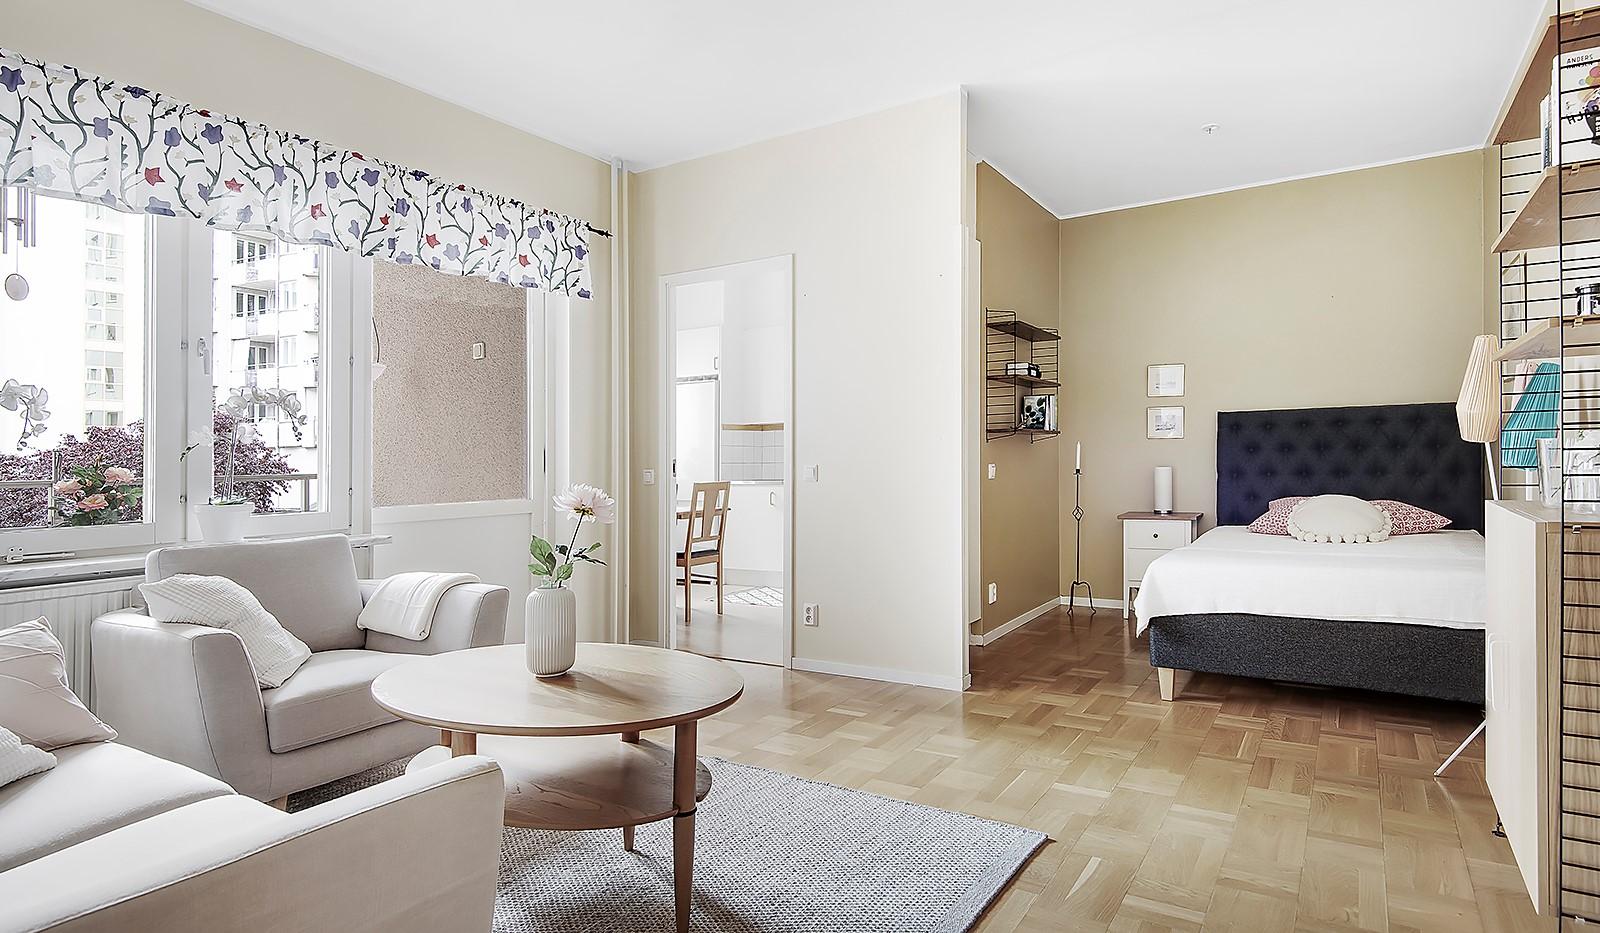 Fatburs Kvarngata 28 - Utrymme för en bred säng